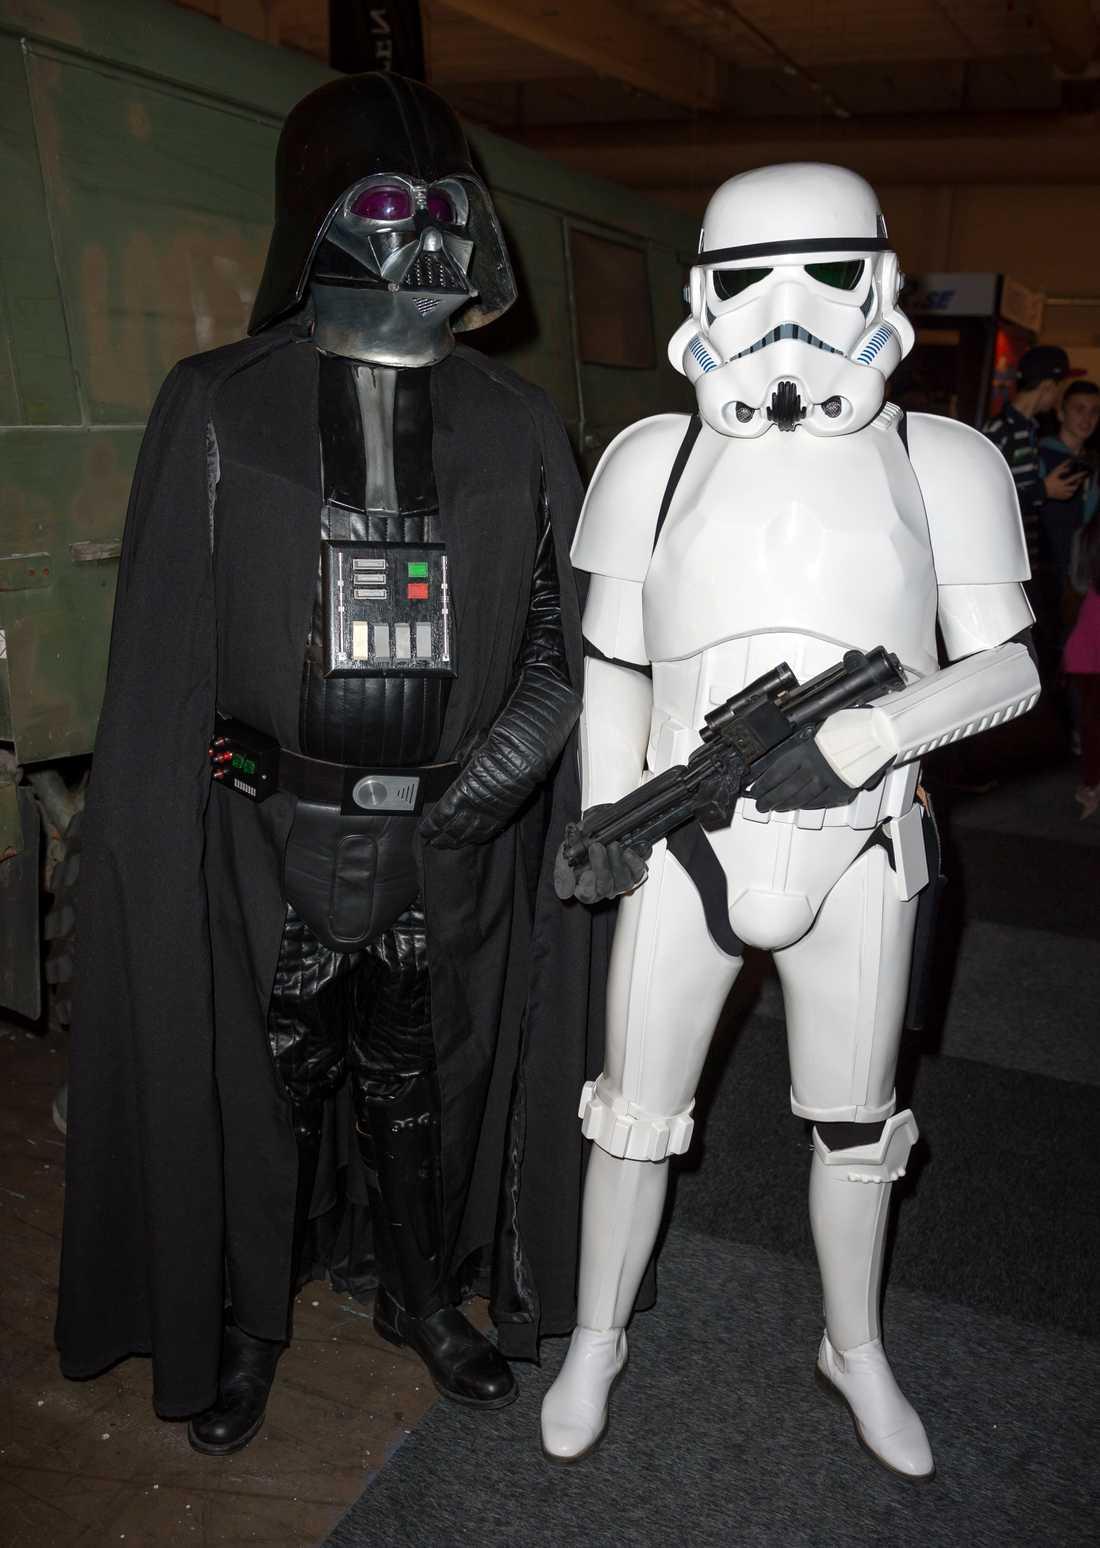 Minst en Darth Vader och ett helt gäng stormtroopers lär komma